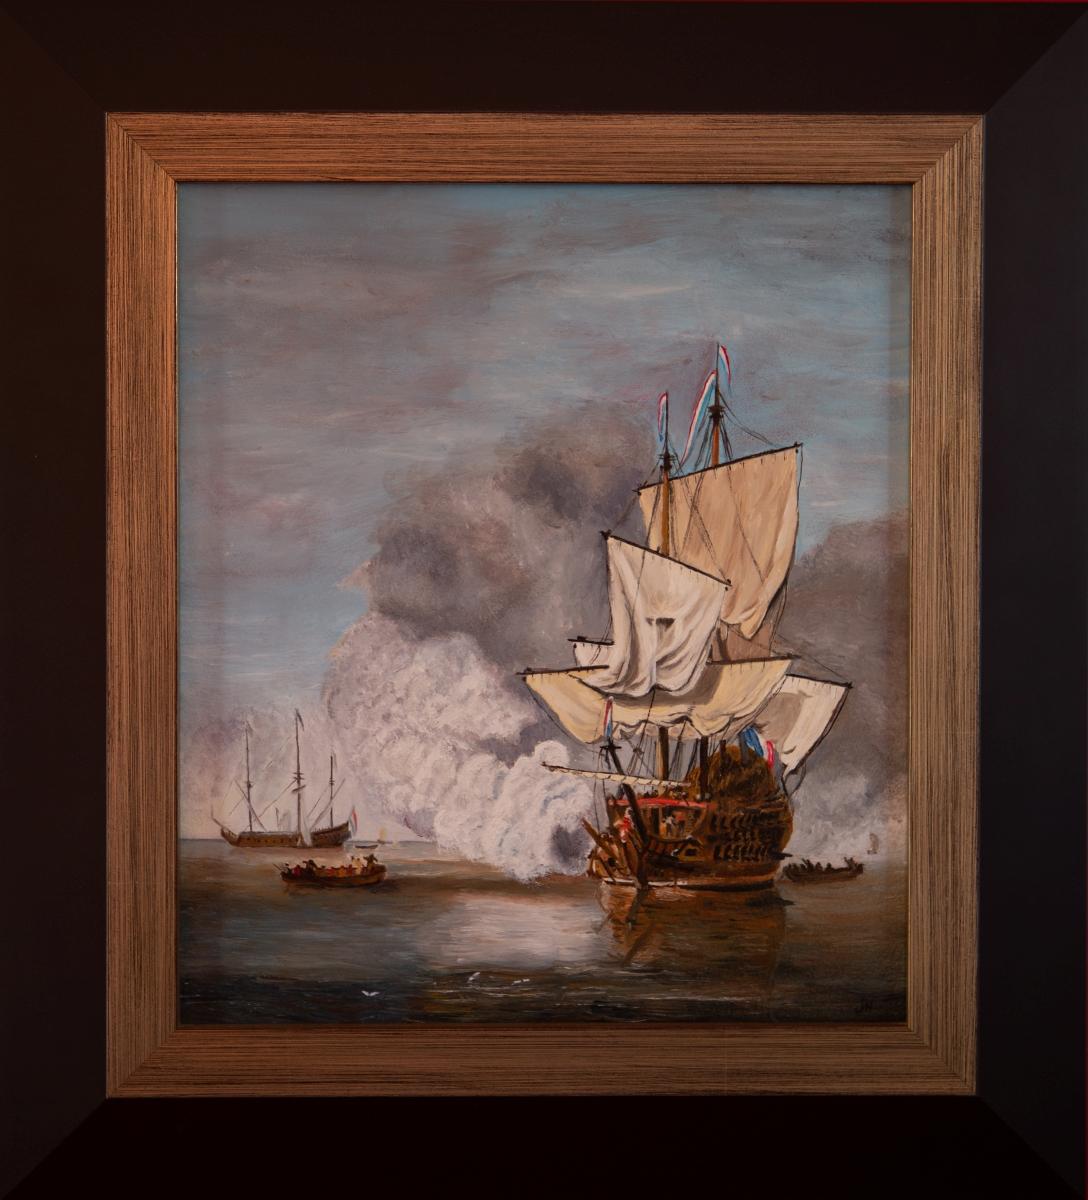 Het Kanonschot 1633-1707 van Willem van de Velde II (2014)